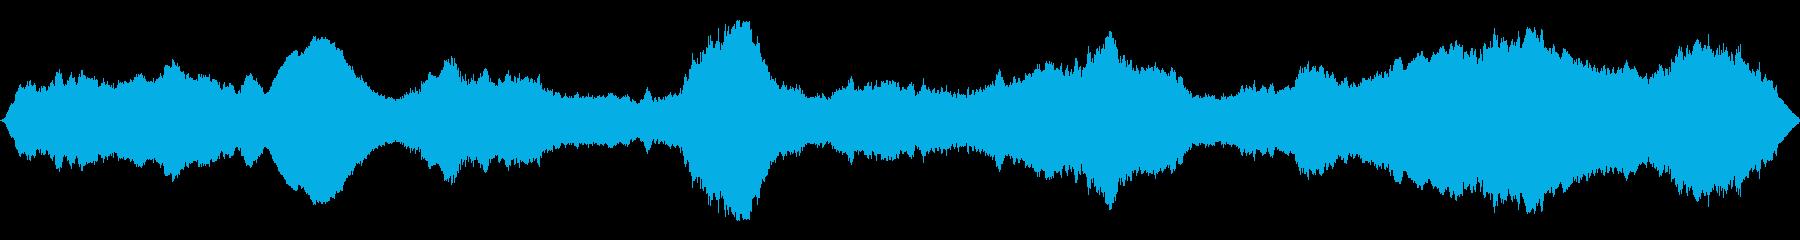 ドラマチックな金属アンサンブルの再生済みの波形